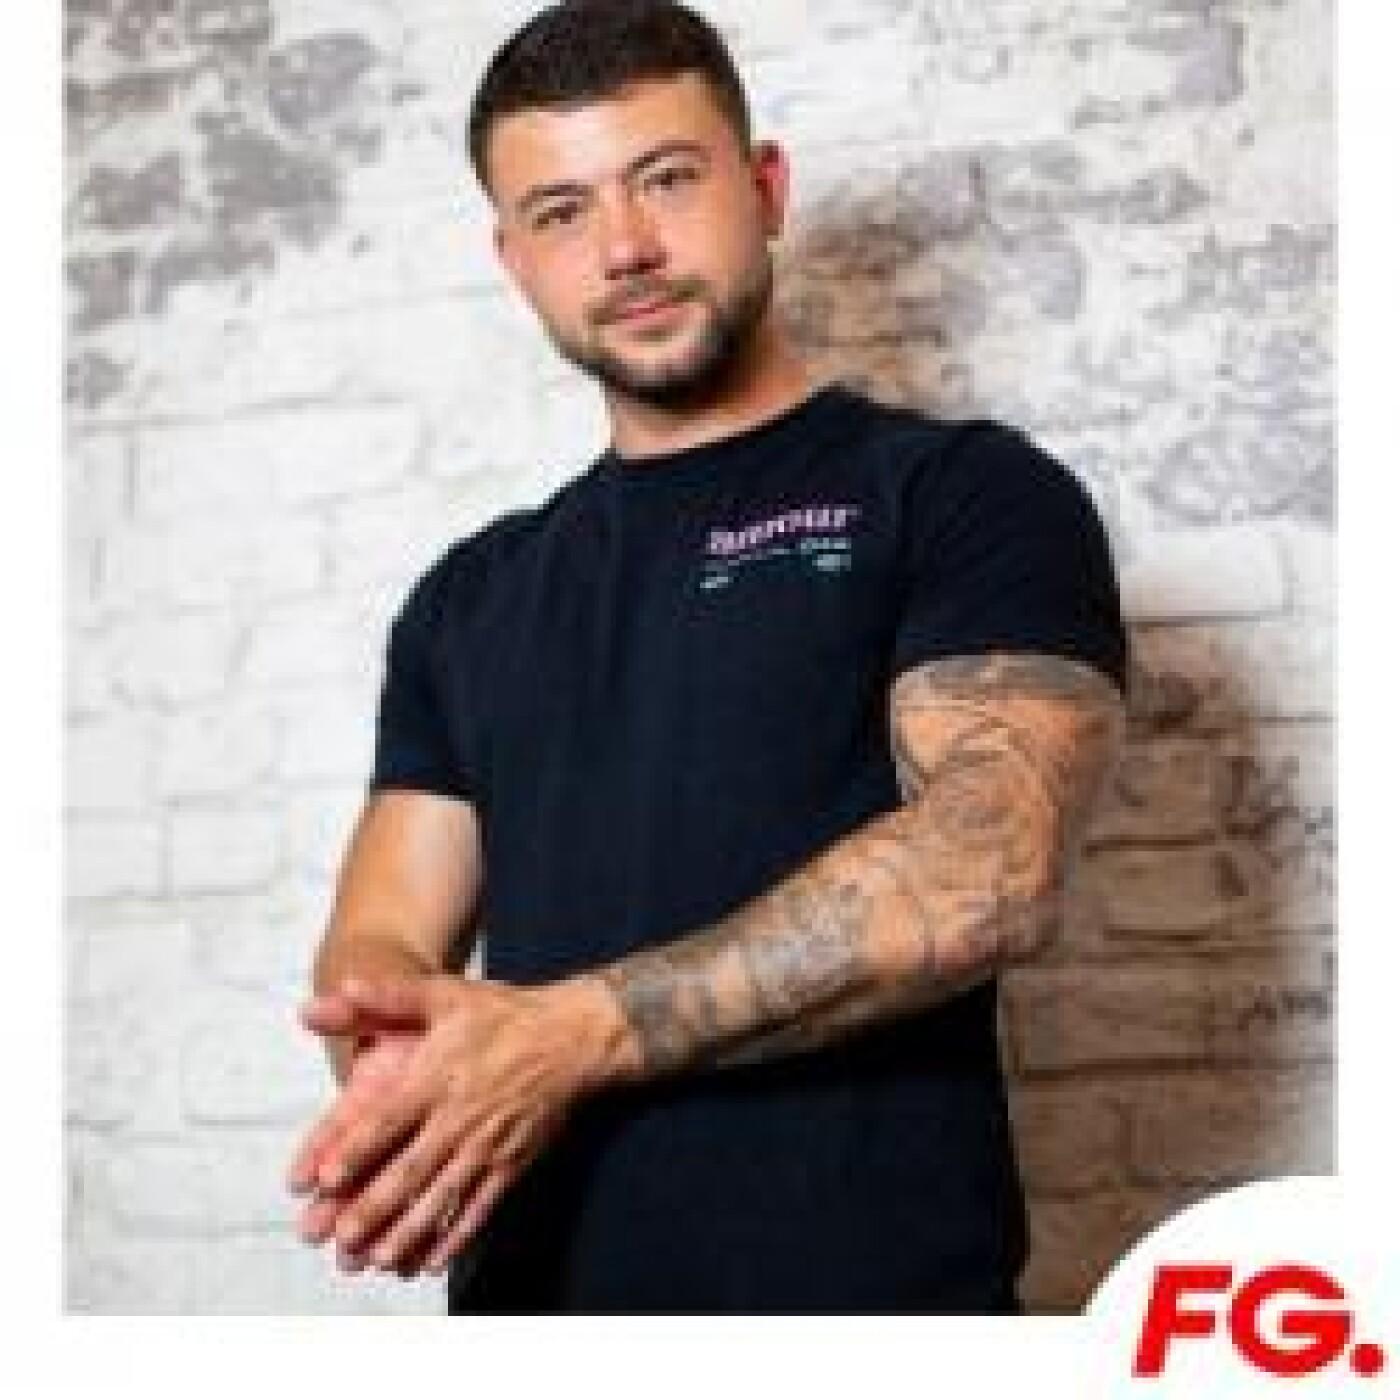 CLUB FG : DANNY RHYS